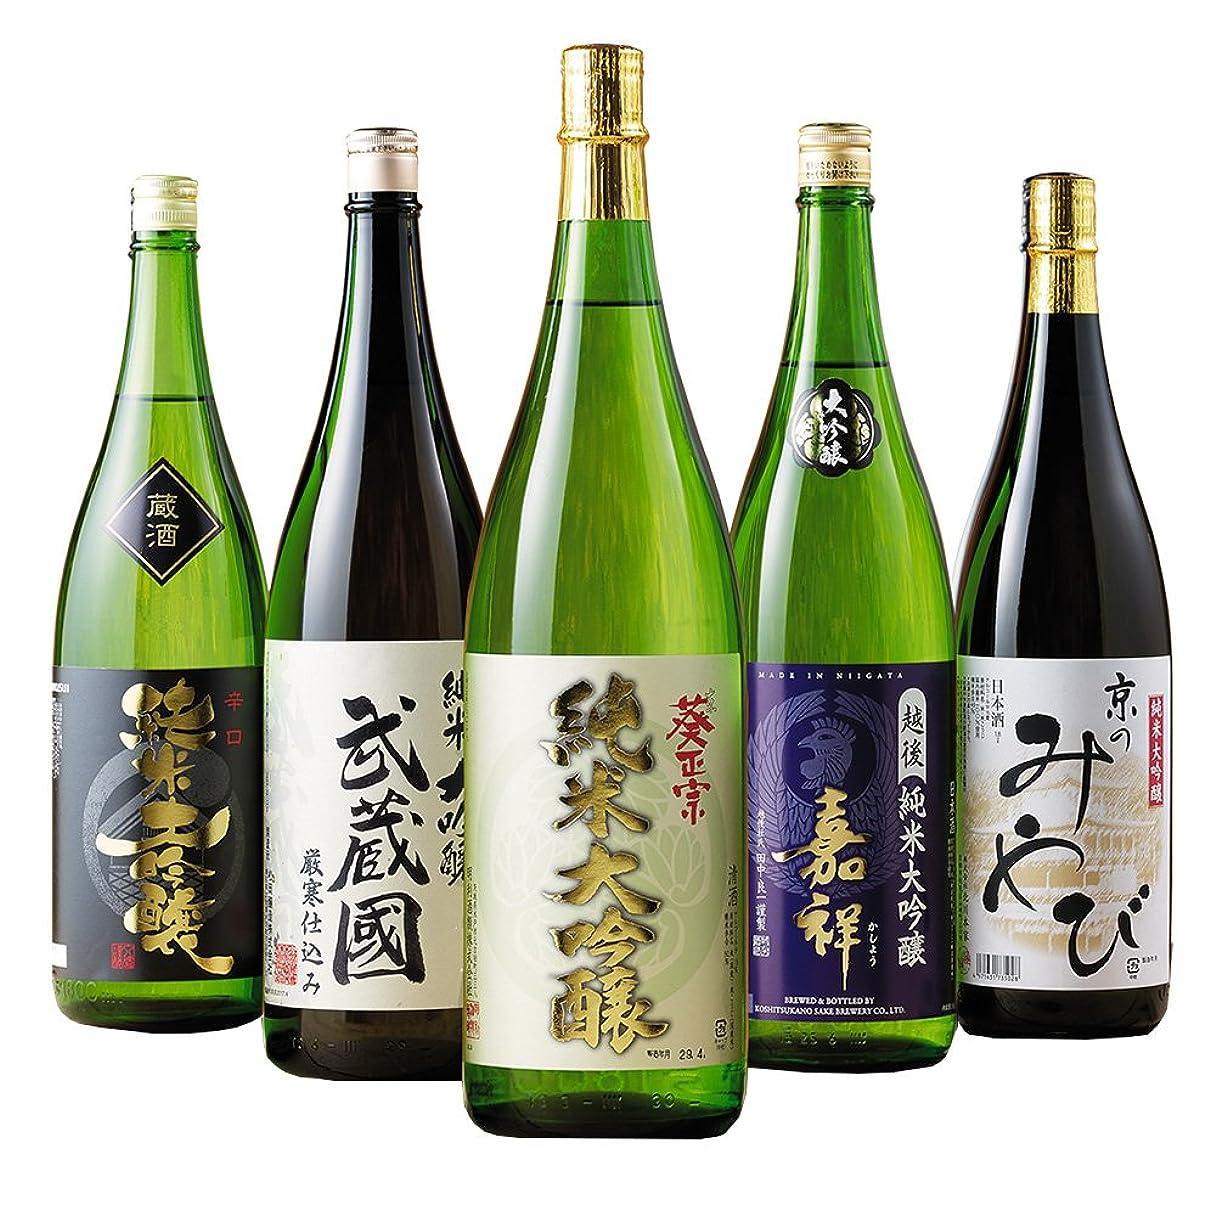 ローズズボン付添人日本酒 5酒蔵の純米大吟醸飲み比べ一升瓶5本セット 1800ml×5本 蔵酒 武蔵國 葵正宗 嘉祥 京のみやび